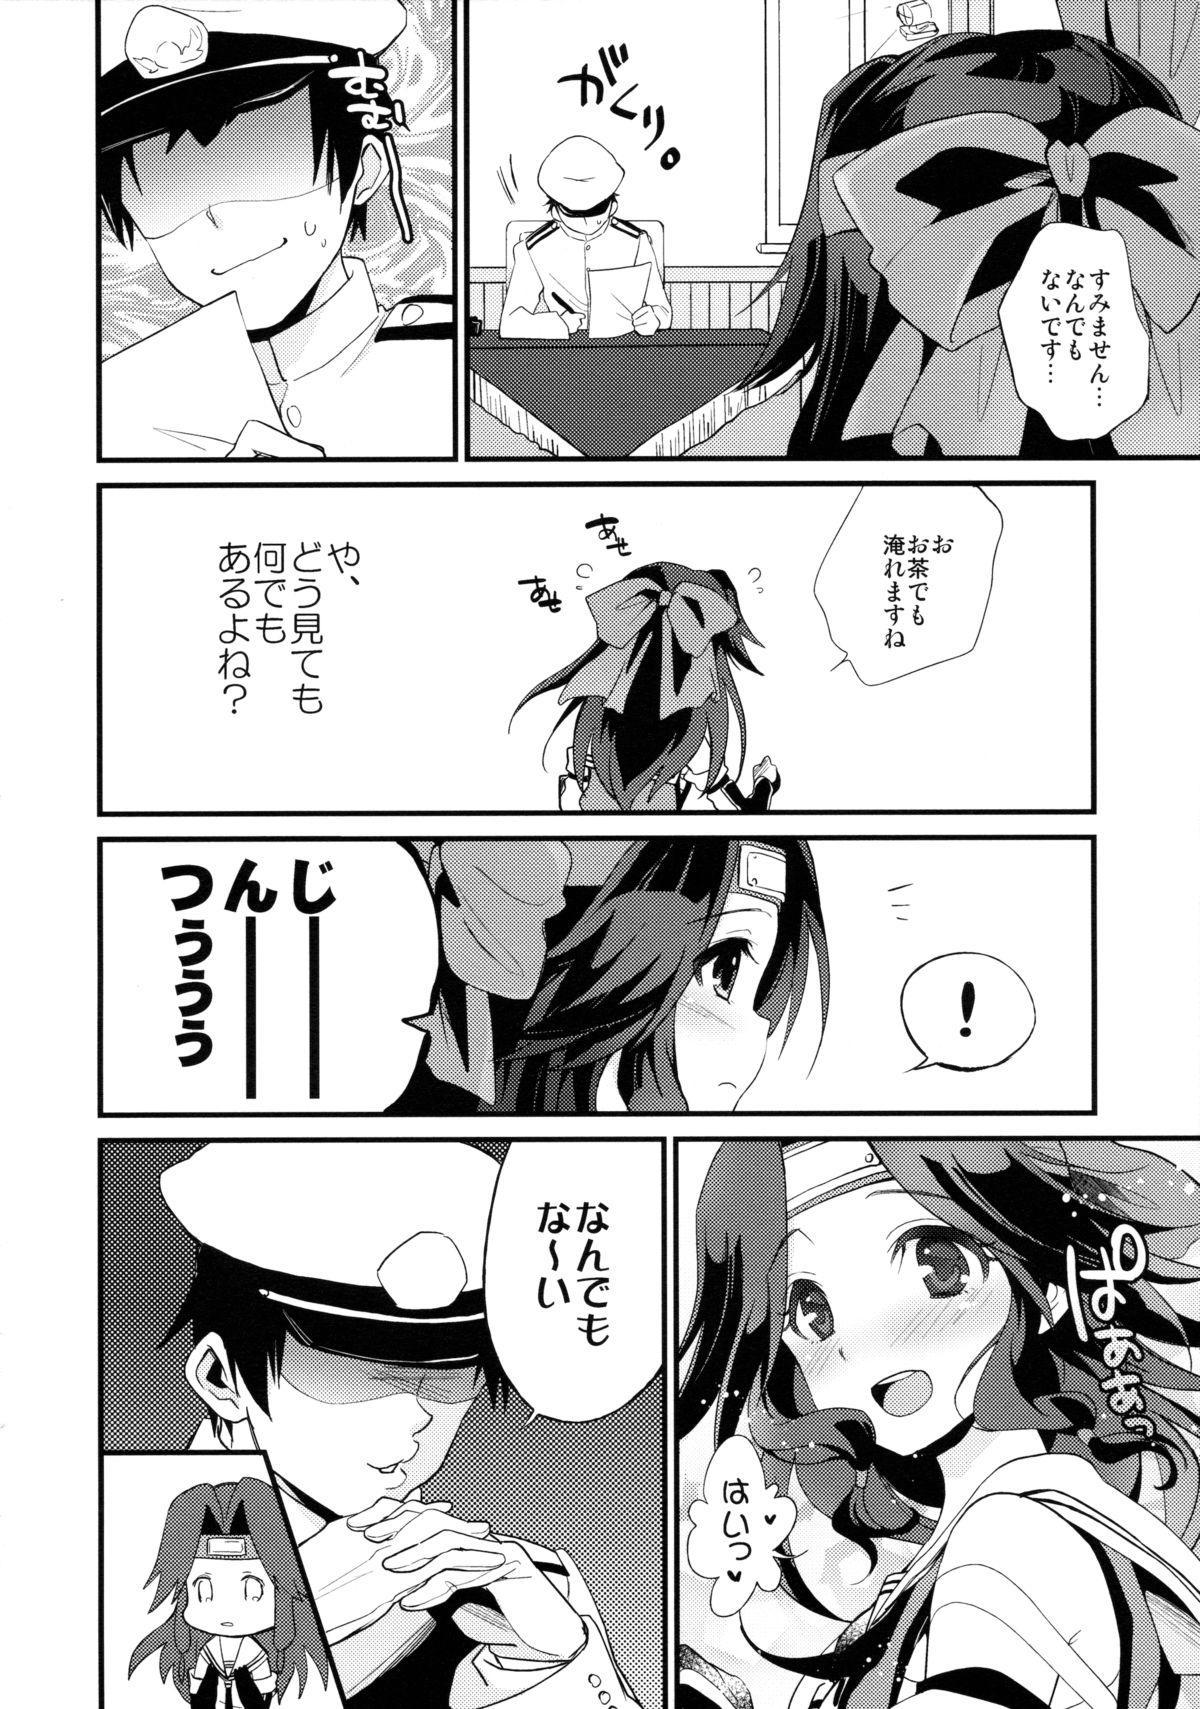 Jintsuu Sairoku 2014 Mou Ichigeki kurai Dekimasu! 5